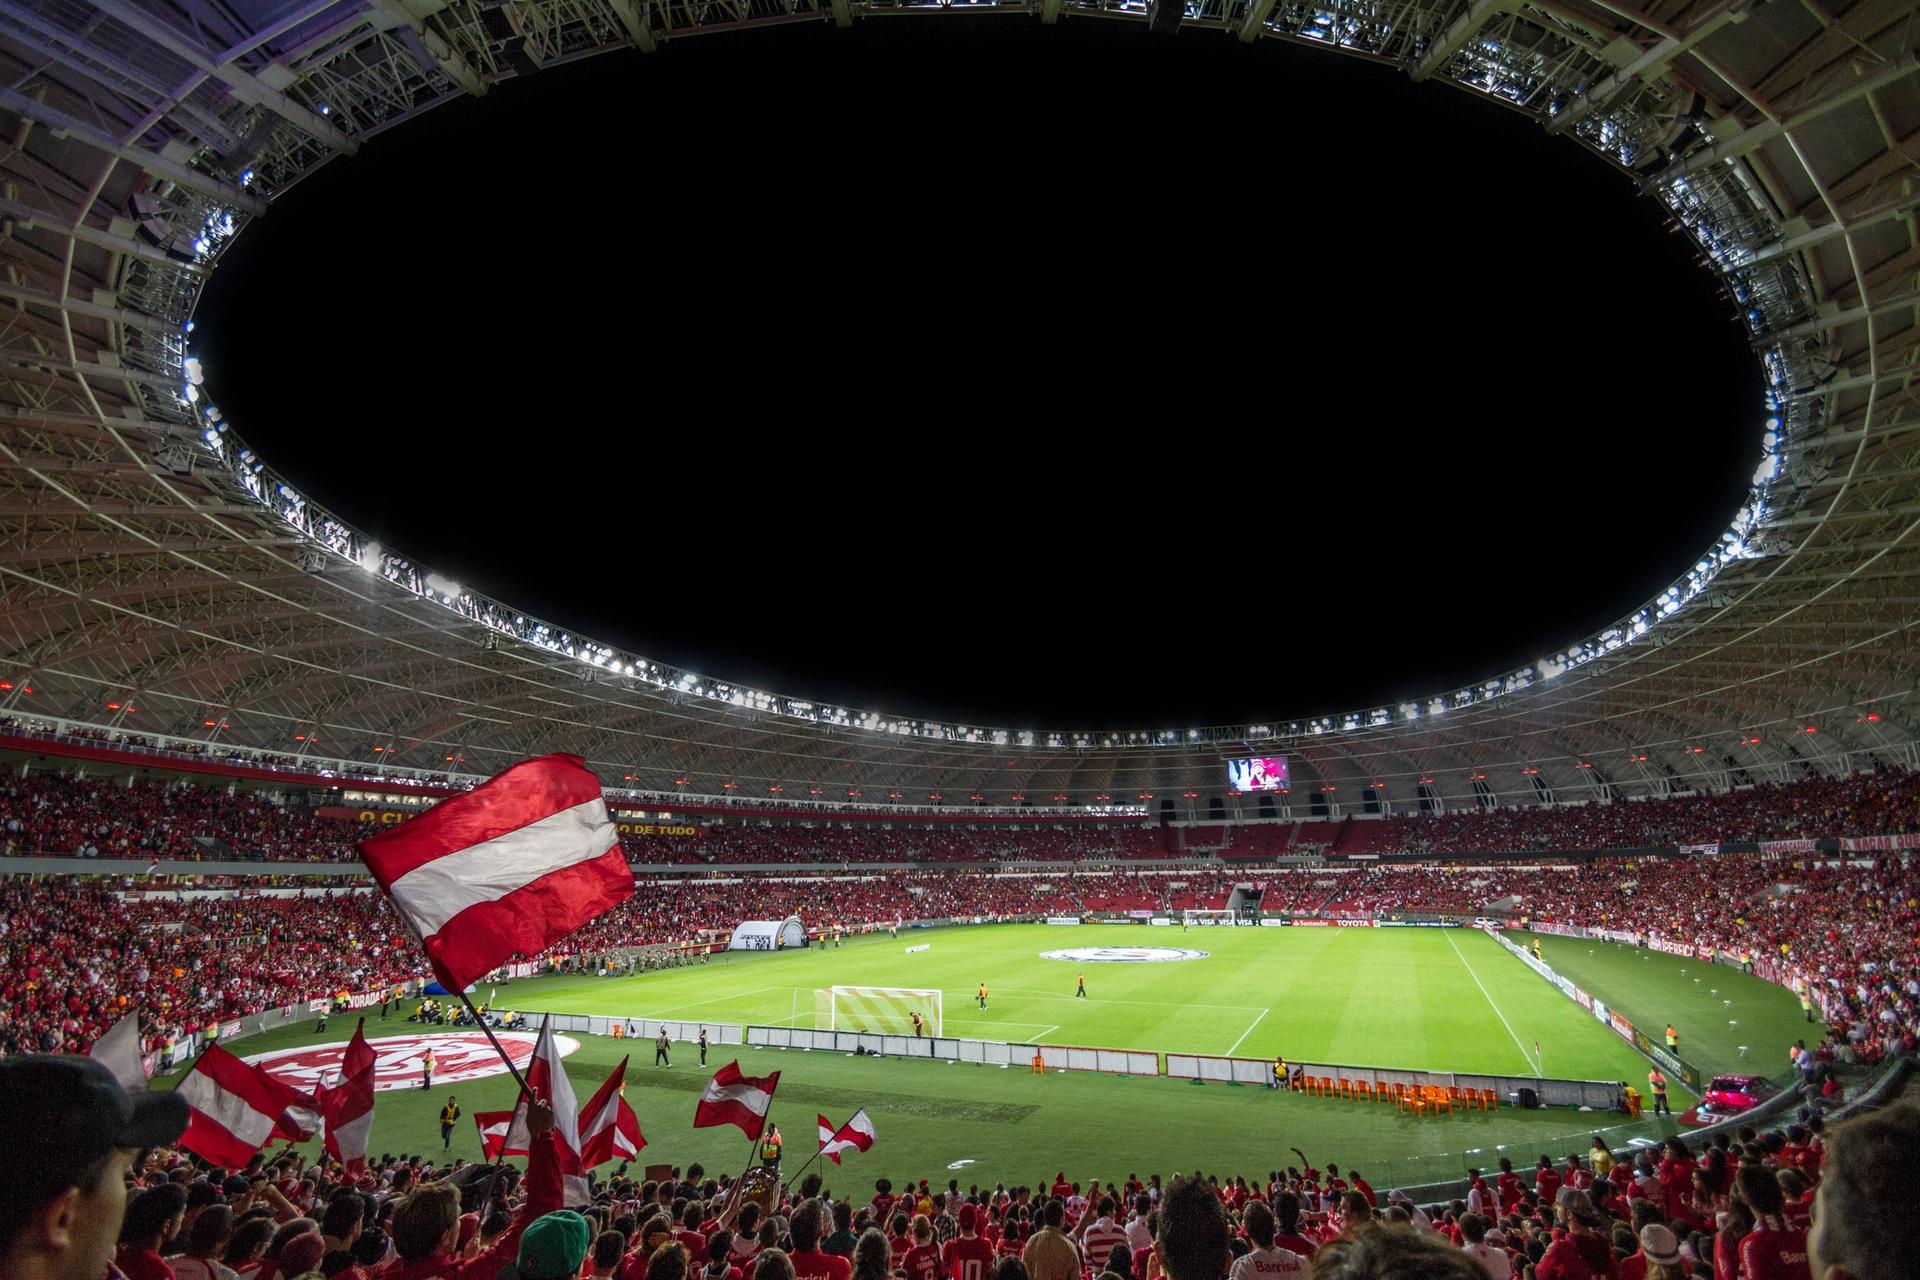 Στάδιο, Ποδόσφαιρο, πλήθος, ανταγωνισμού, Γήπεδο ποδοσφαίρου, Ποδοσφαιρικό αγώνα - Wallpapers HD - Professor-falken.com